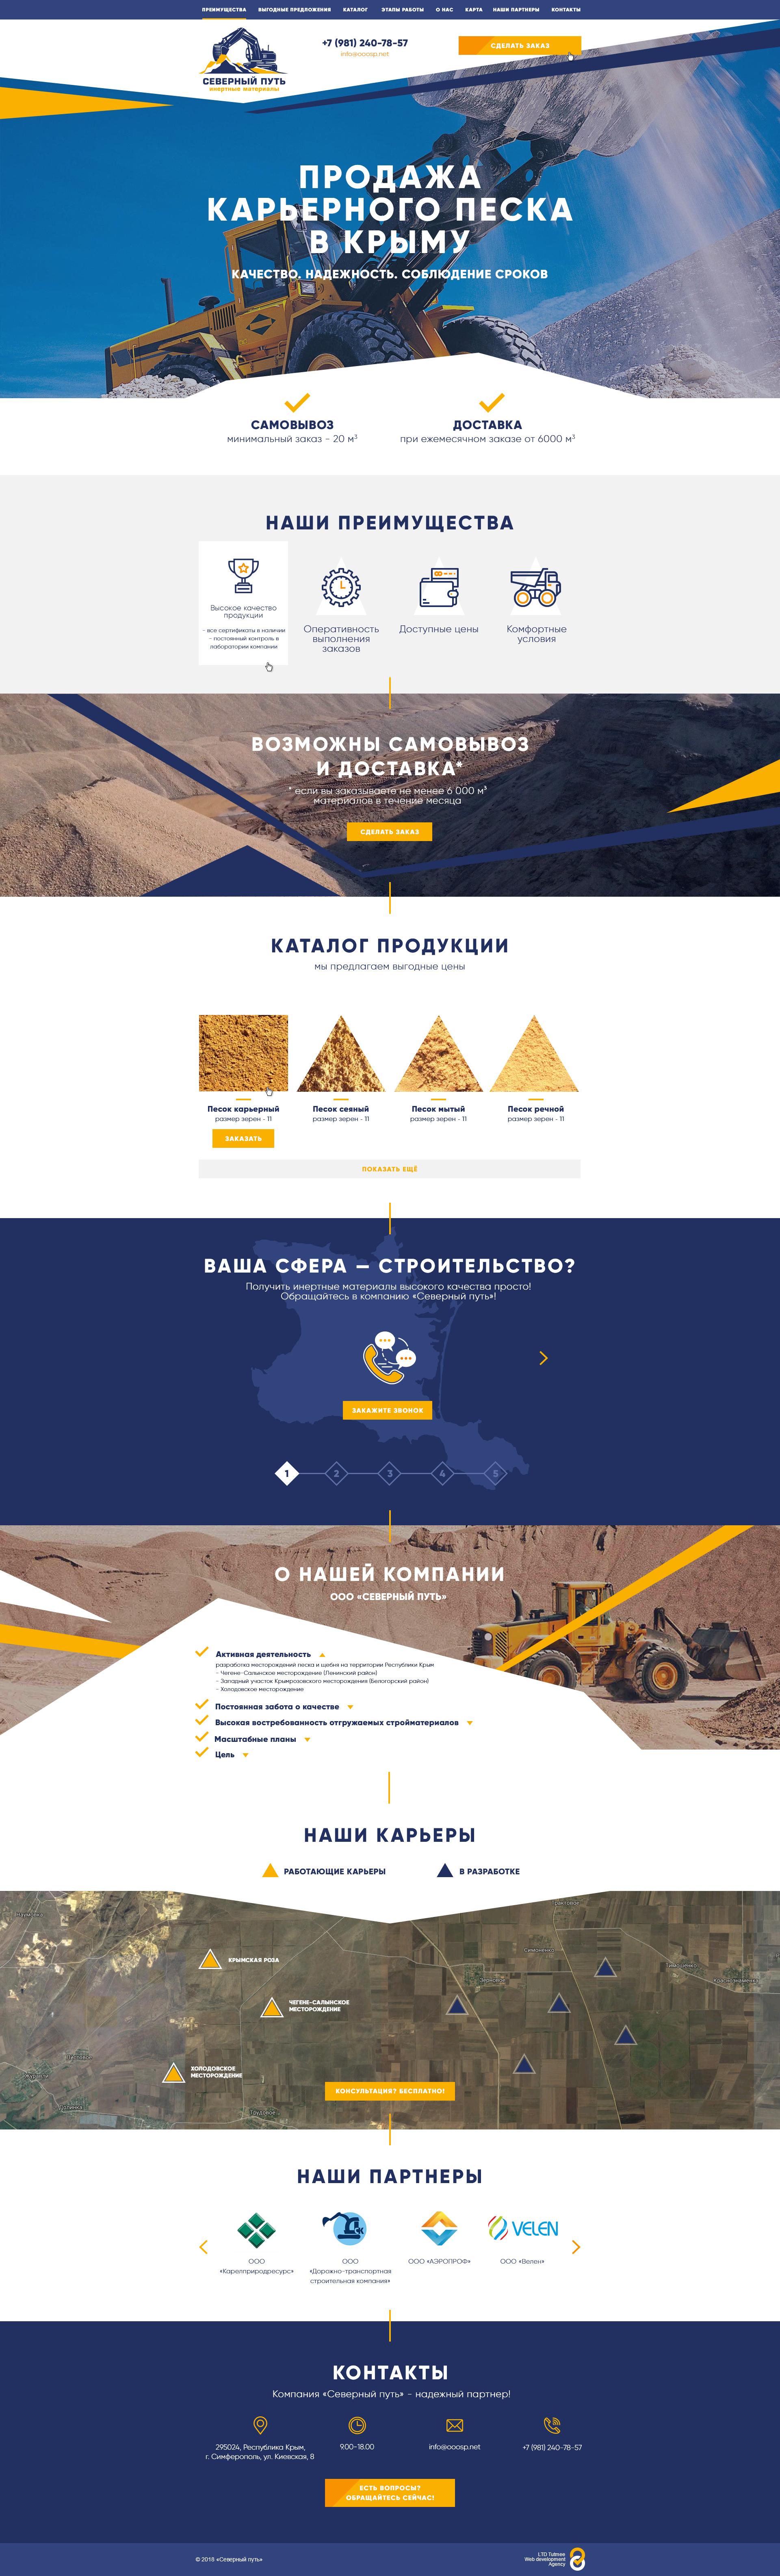 Адаптивный landing page Северный путь - Продажа карьерного песка